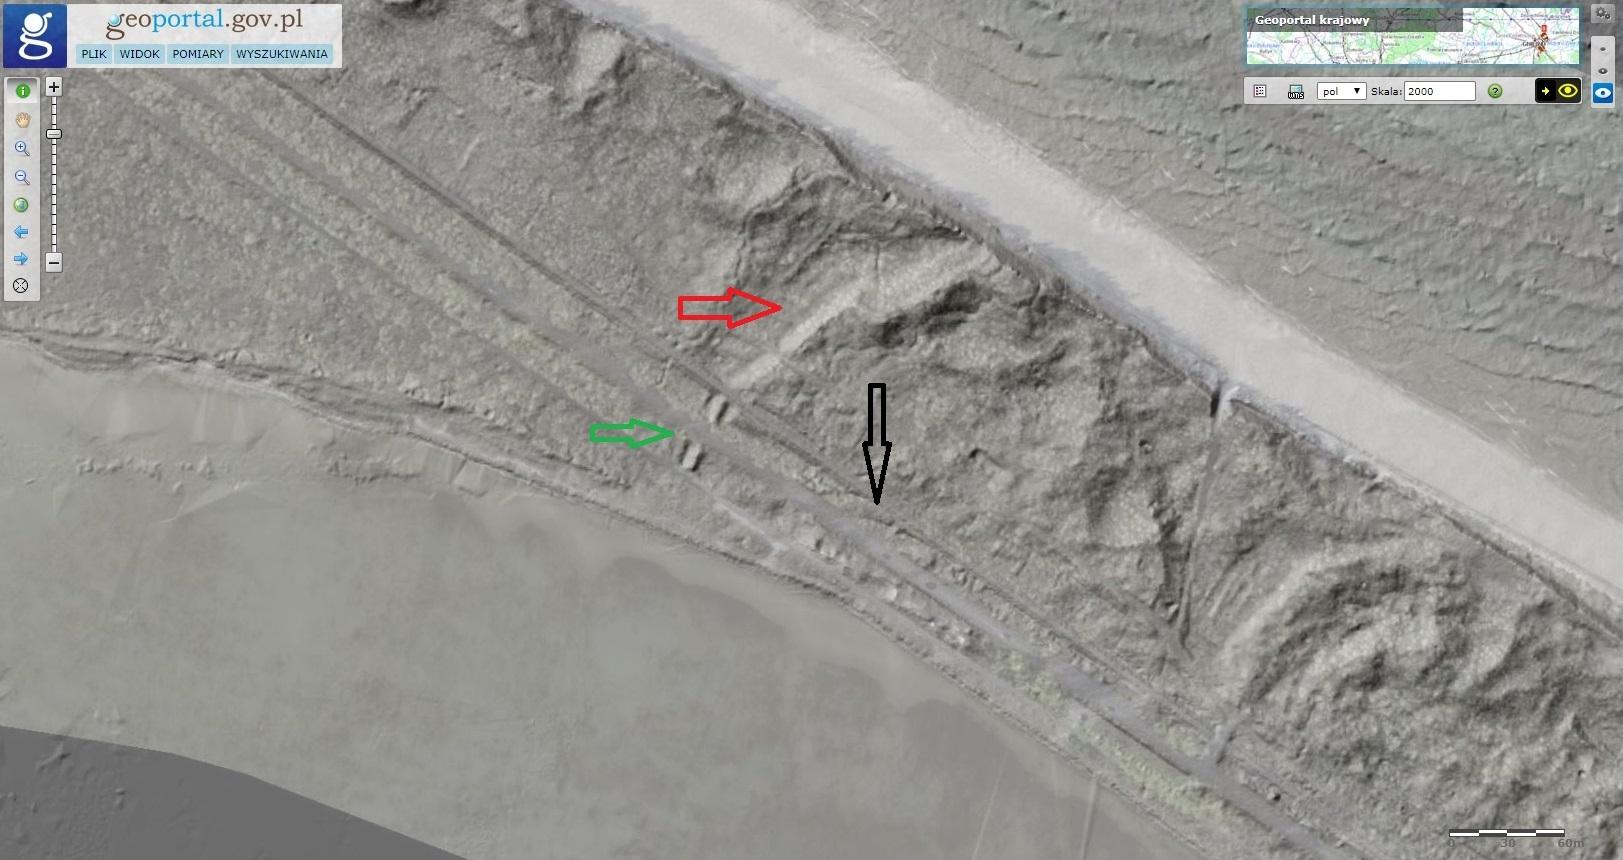 Geoportal 1.jpg